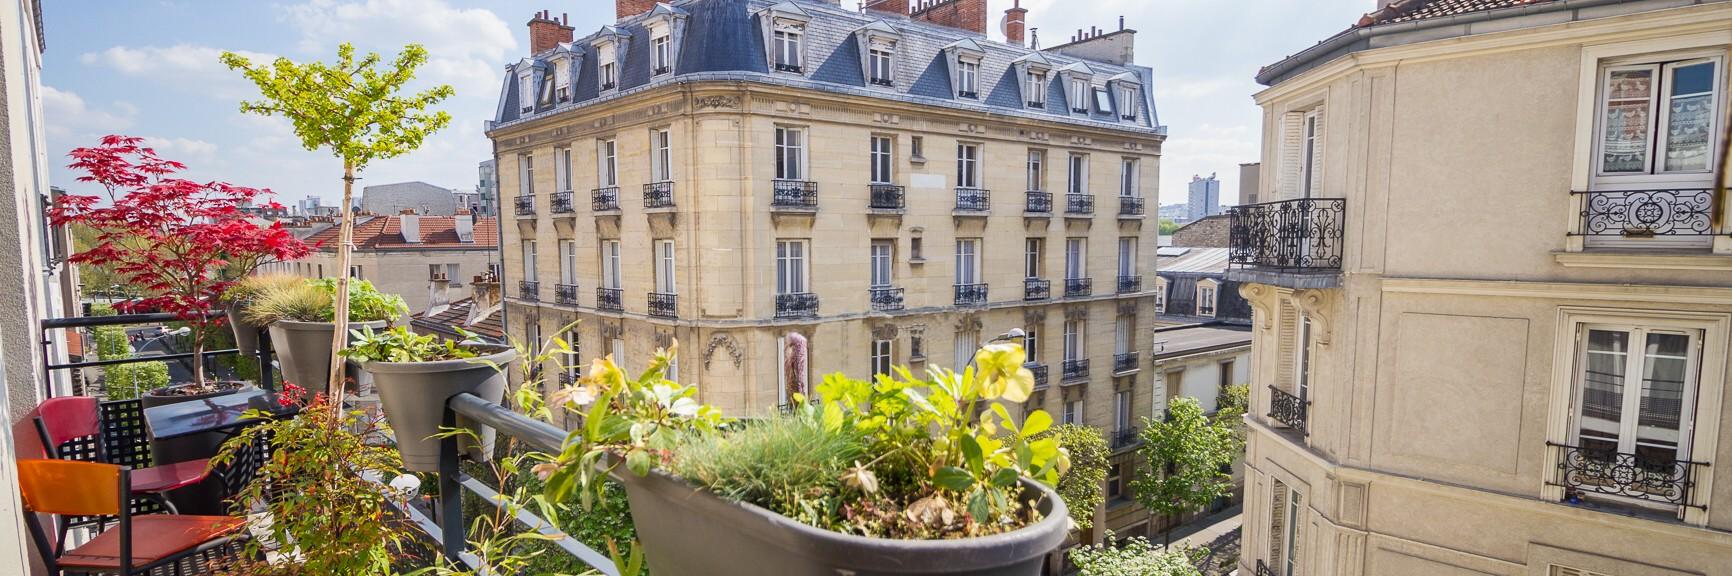 Chasseur immobilier Saint Ouen